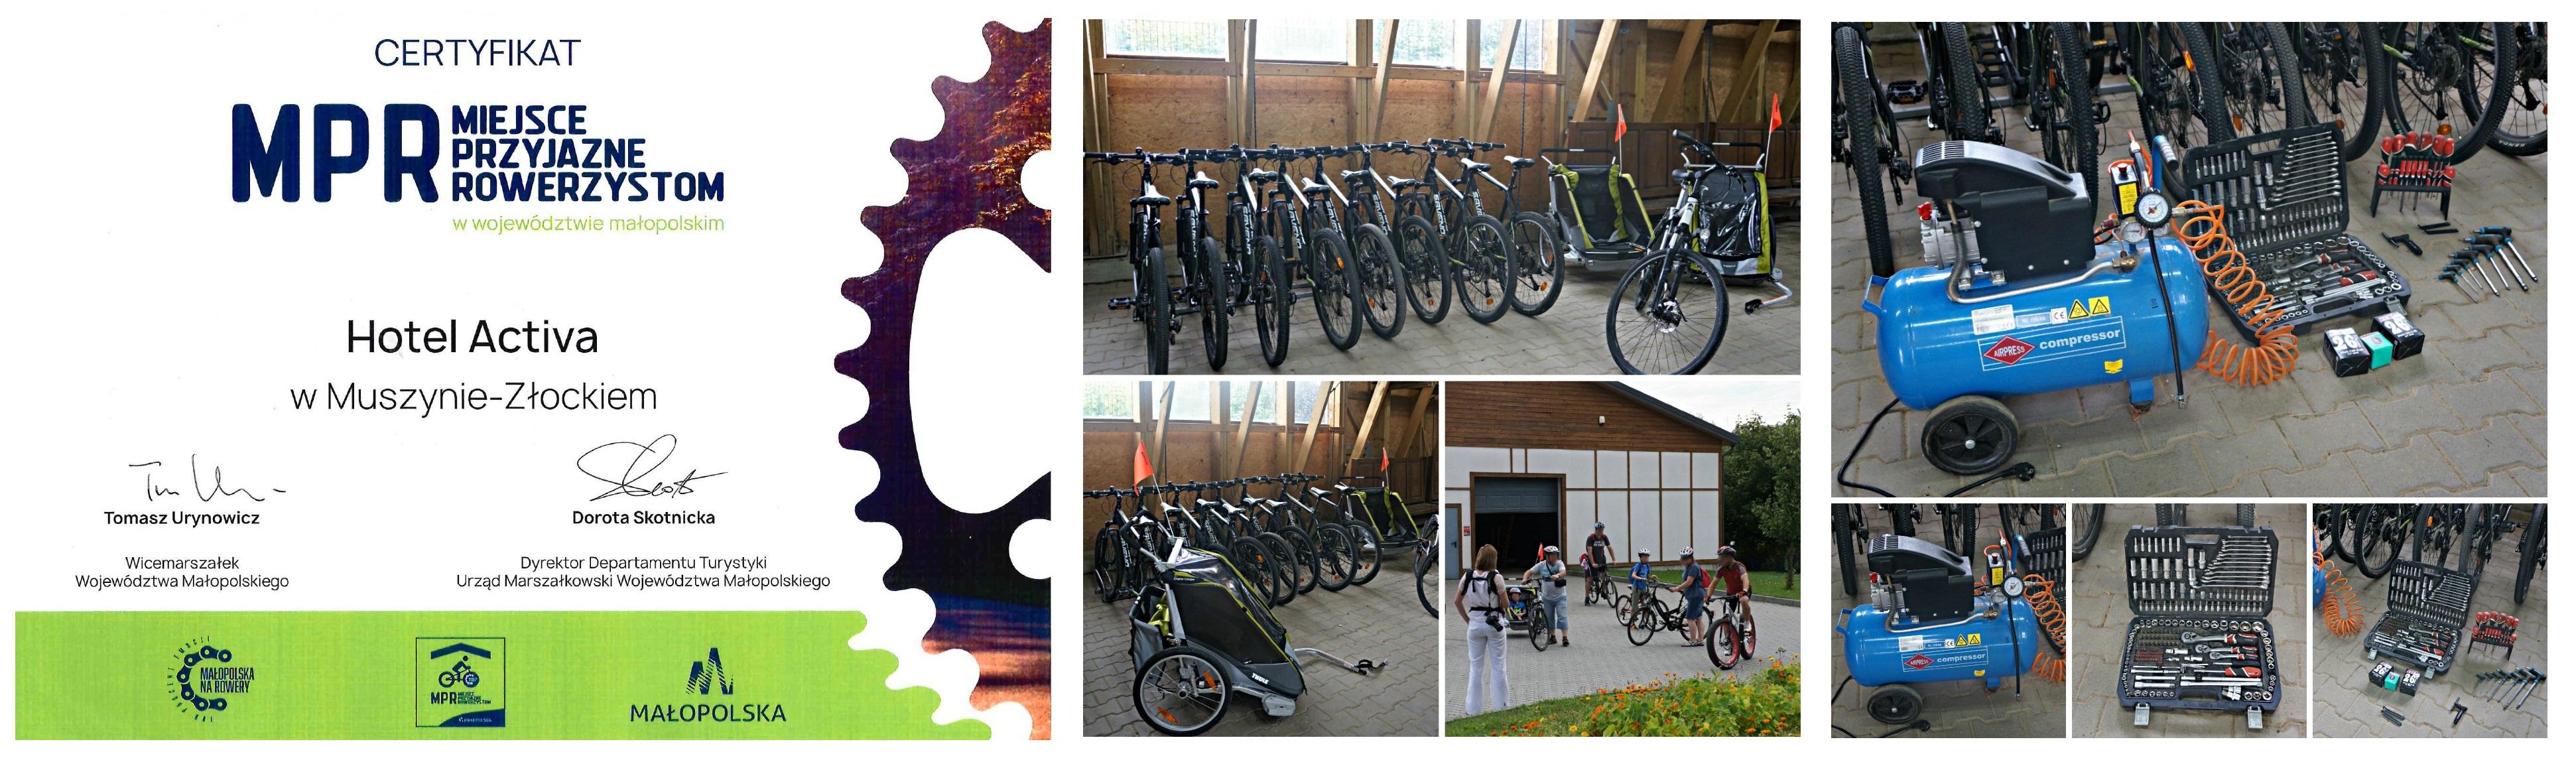 Hotel Activa*** – miejsce przyjazne rowerzystom.